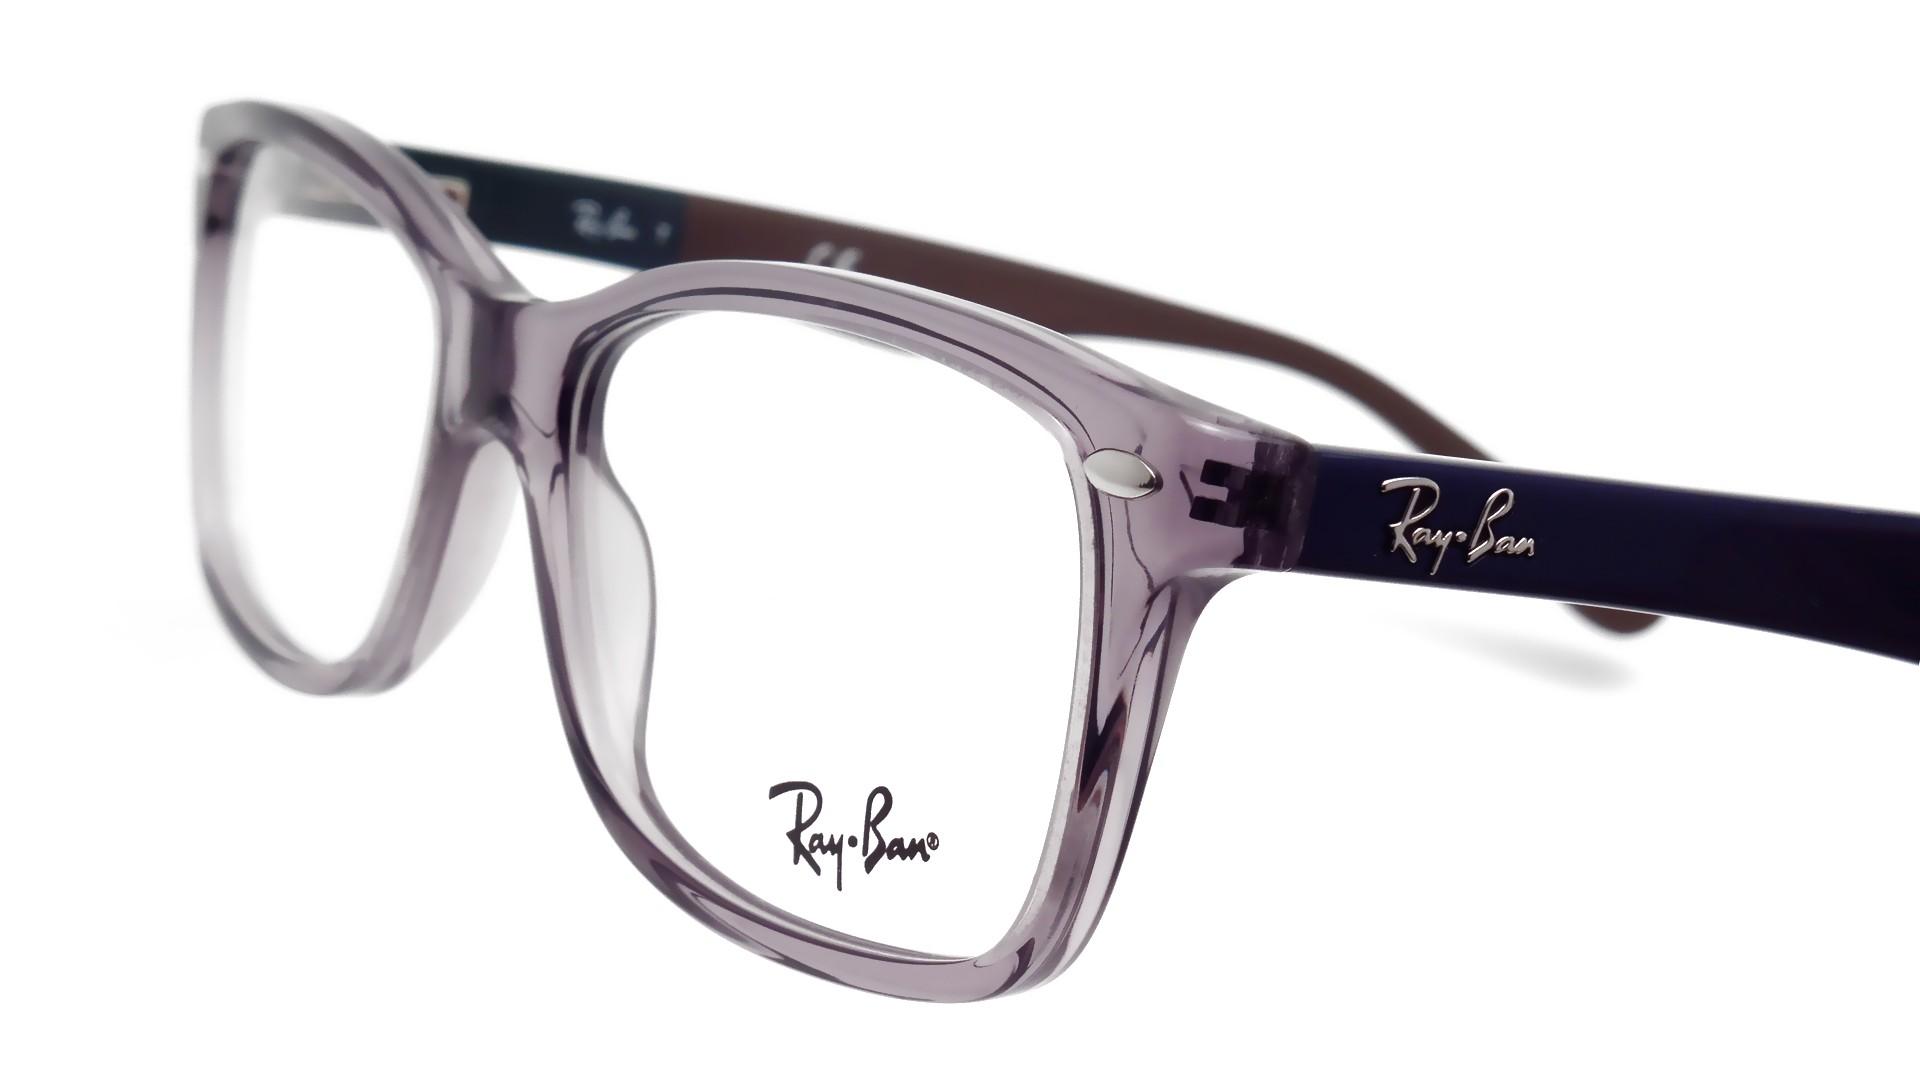 RayBan Rx5228c 2509b8 5317 W6WEFMt6 - eaglerockproxy.com